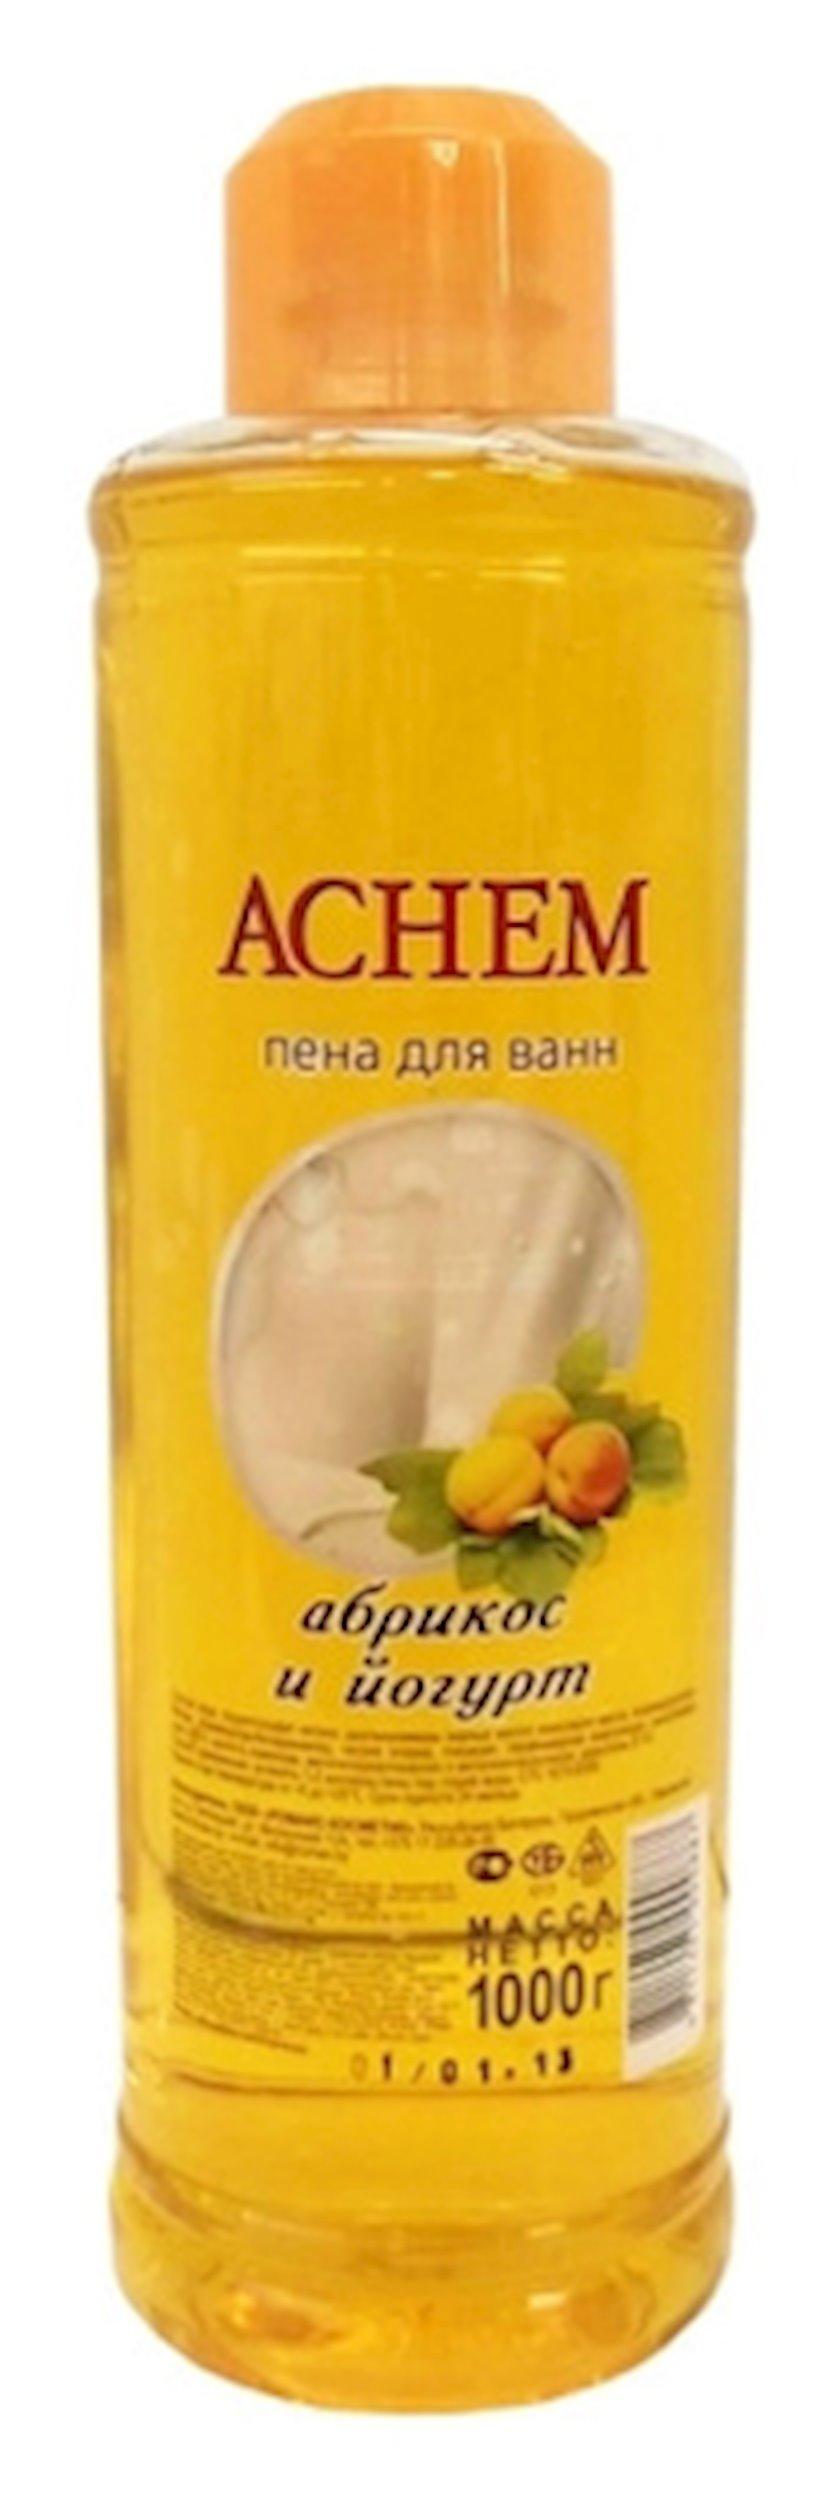 """Vanna üçün köpük  Romax """"Achem"""" Ərik və yoqurt 1000 ml"""